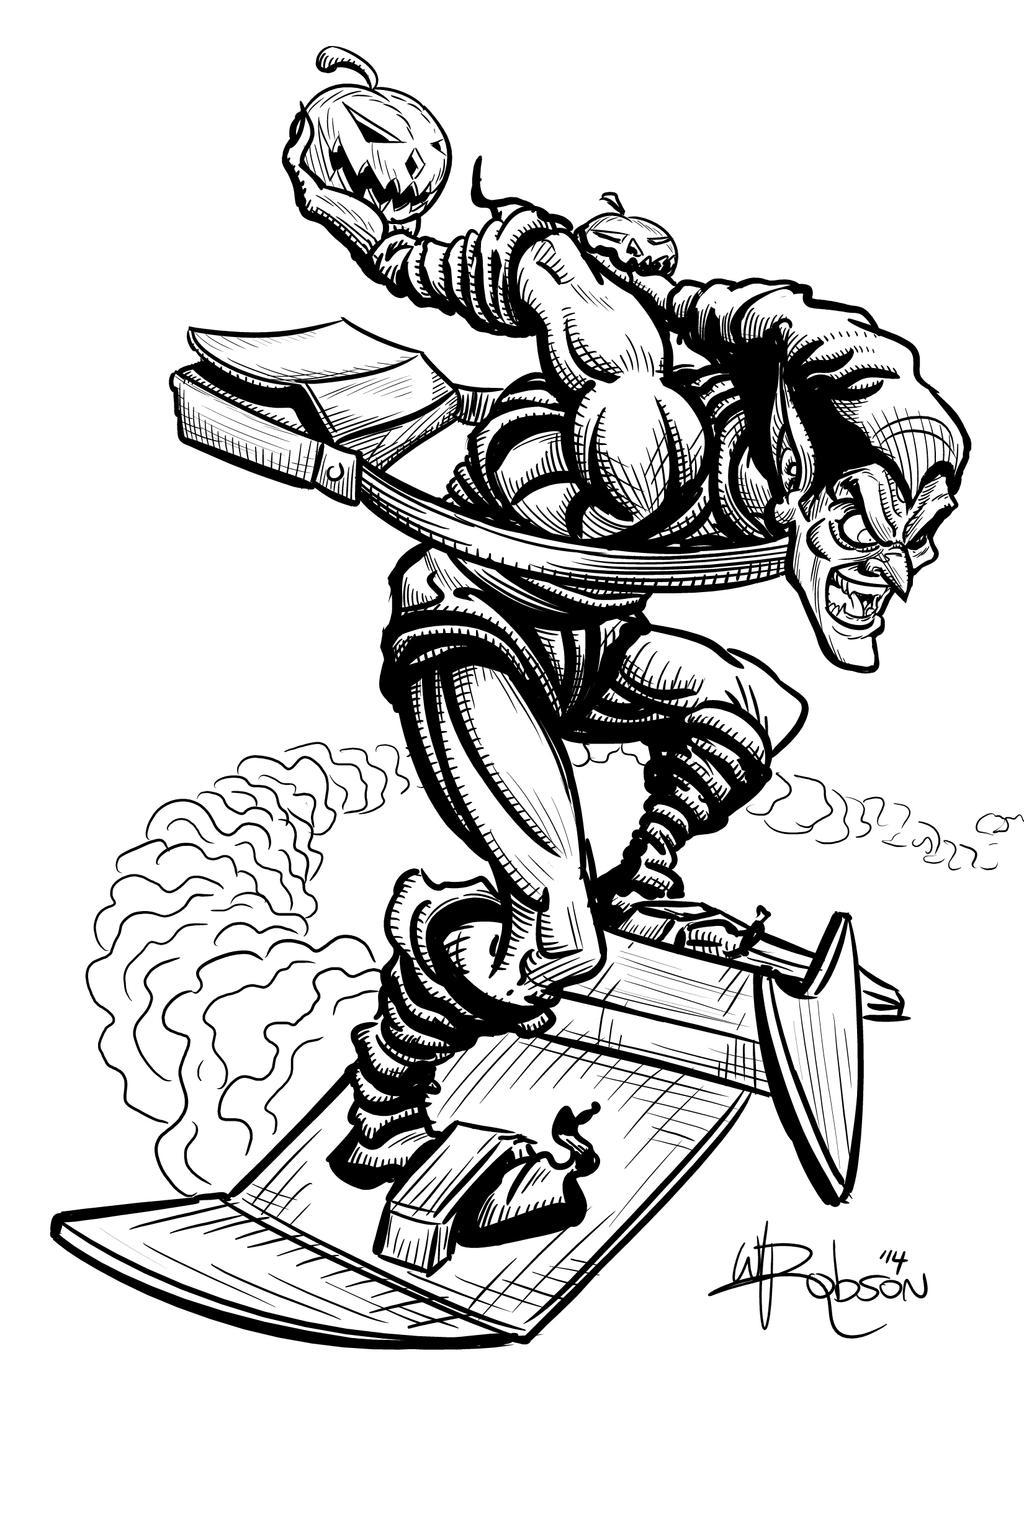 green goblin sketch by robsonink on deviantart